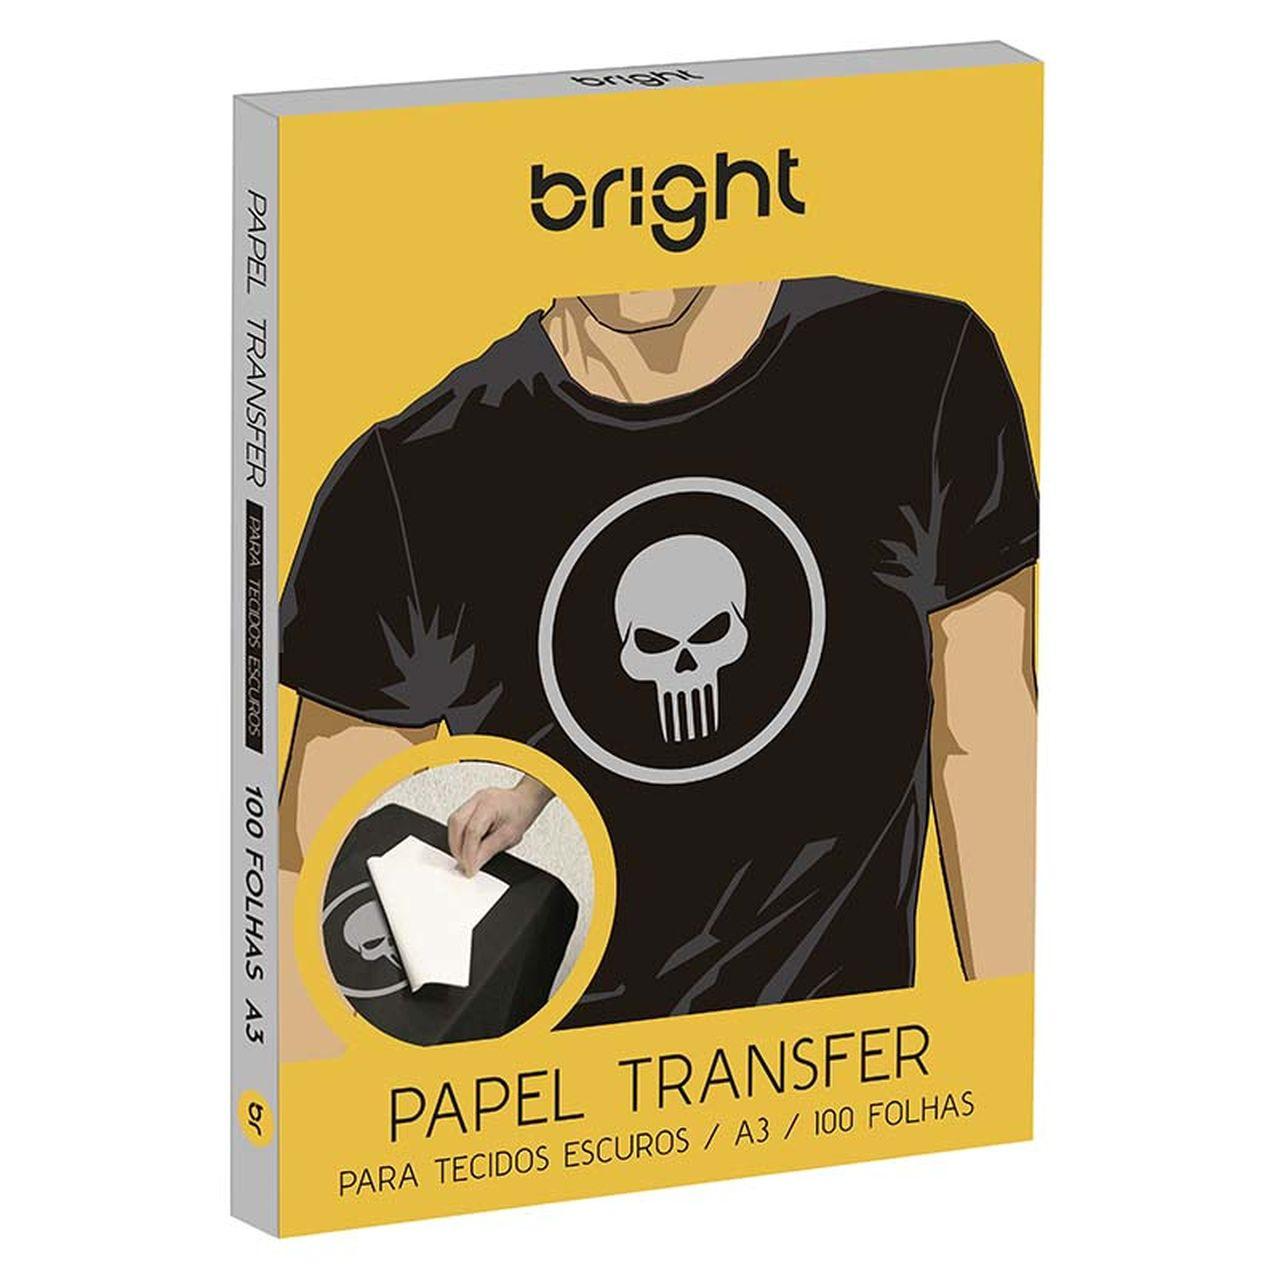 Papel Transfer para tecido escuro A3 50 folhas 427 - Bright